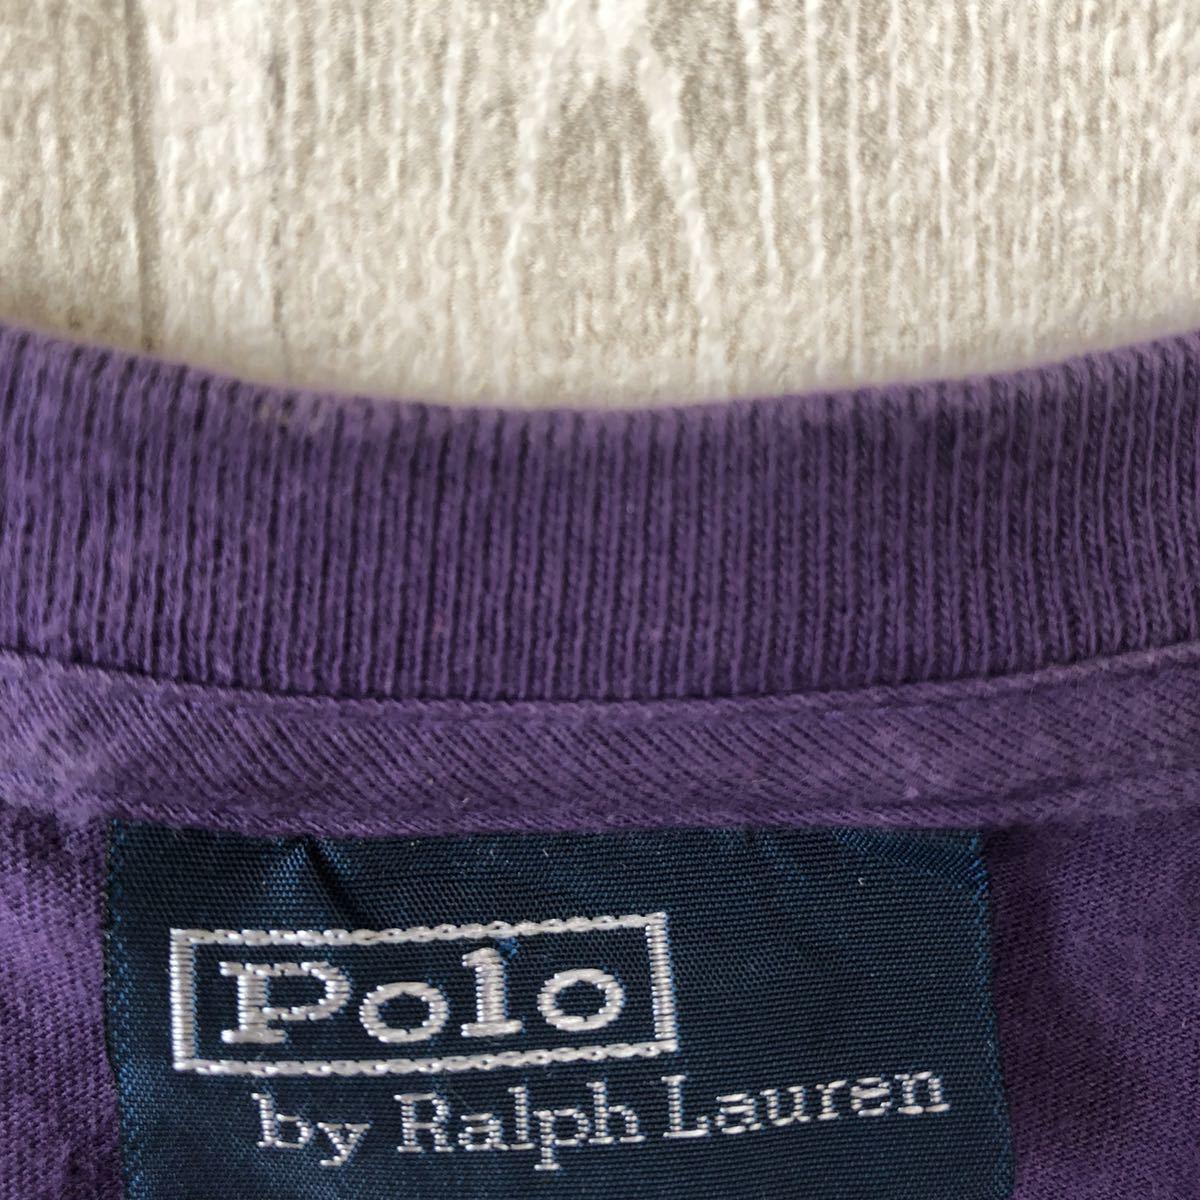 YR154 ポロバイラルフローレン POLO by Ralph Lauren 半袖 Tシャツ Vネック ワンポイント 刺繍ロゴ 紫 パープル ビッグサイズ メンズXL nn_画像6